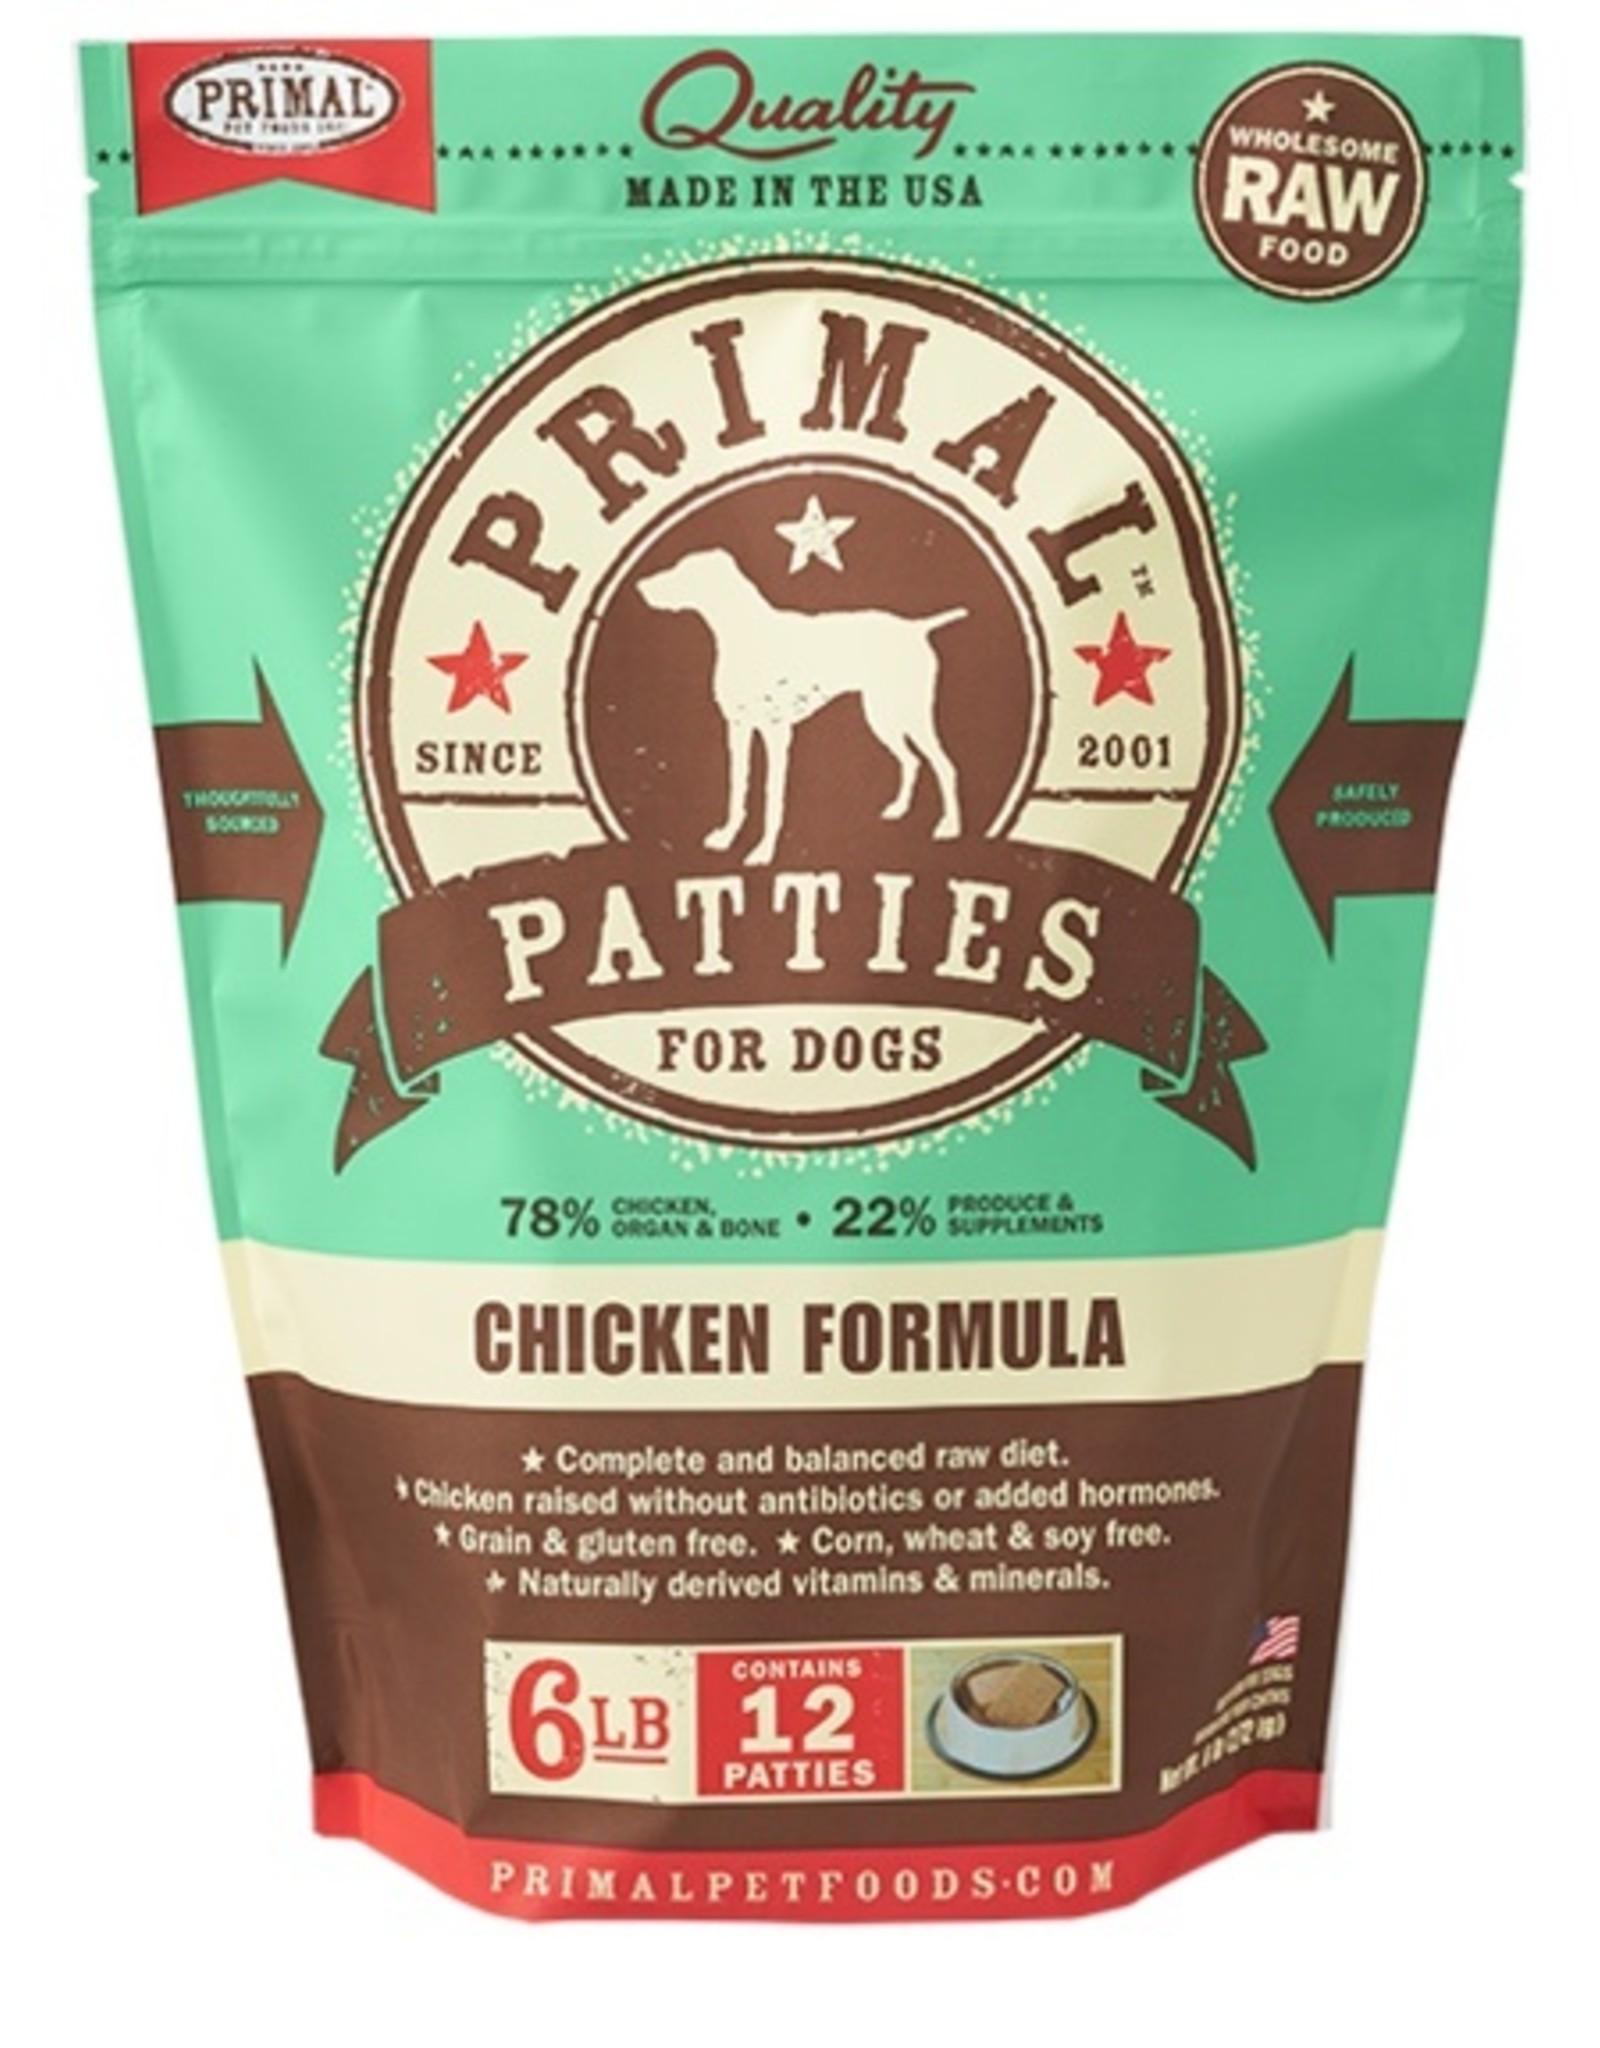 Primal Primal Frozen Patties